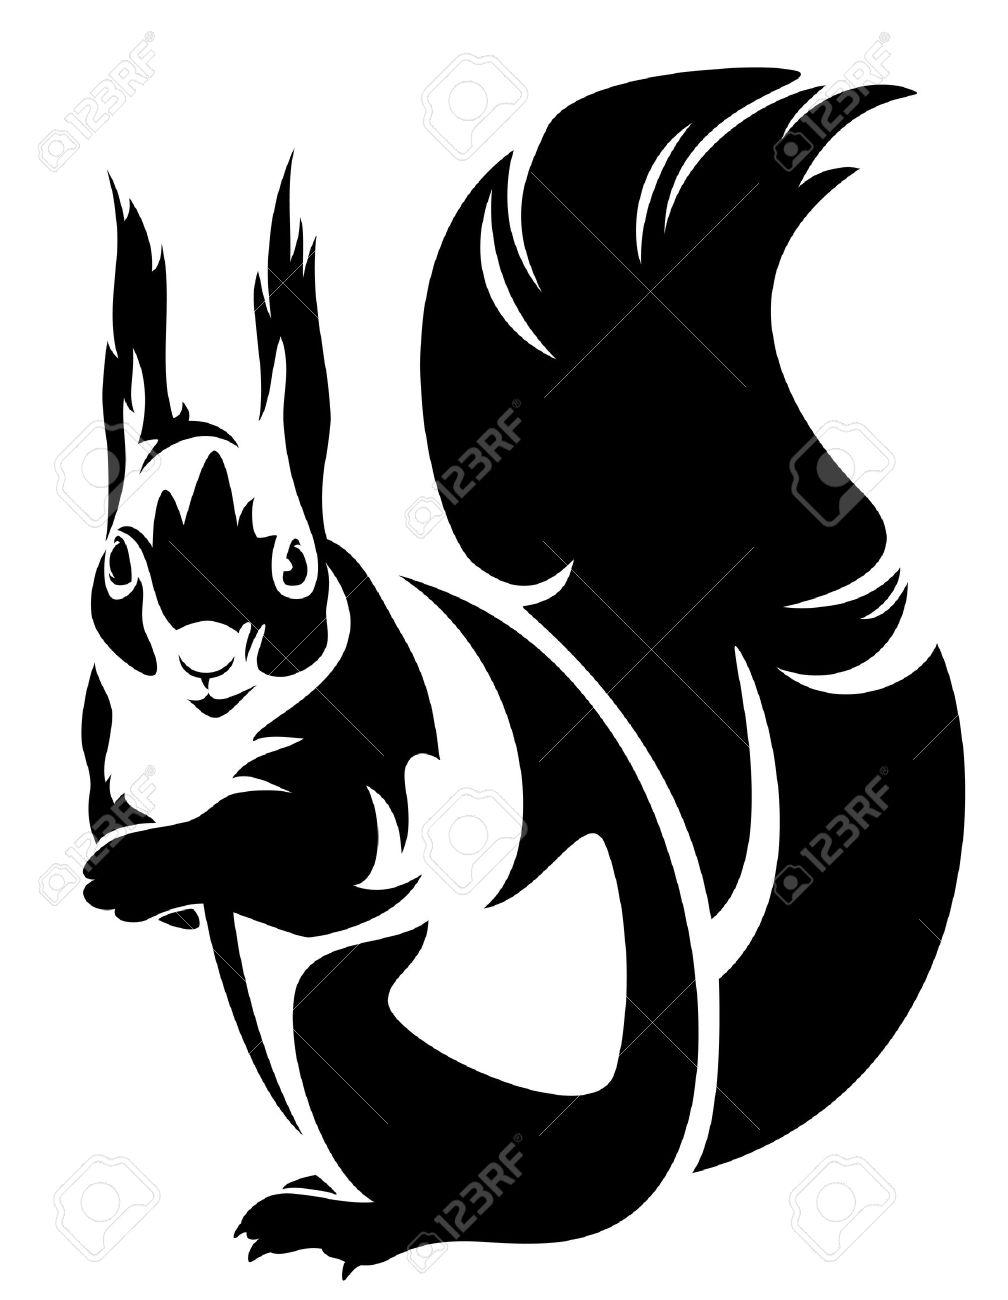 sitting squirrel (sciurus) - black and white outline - 28070678